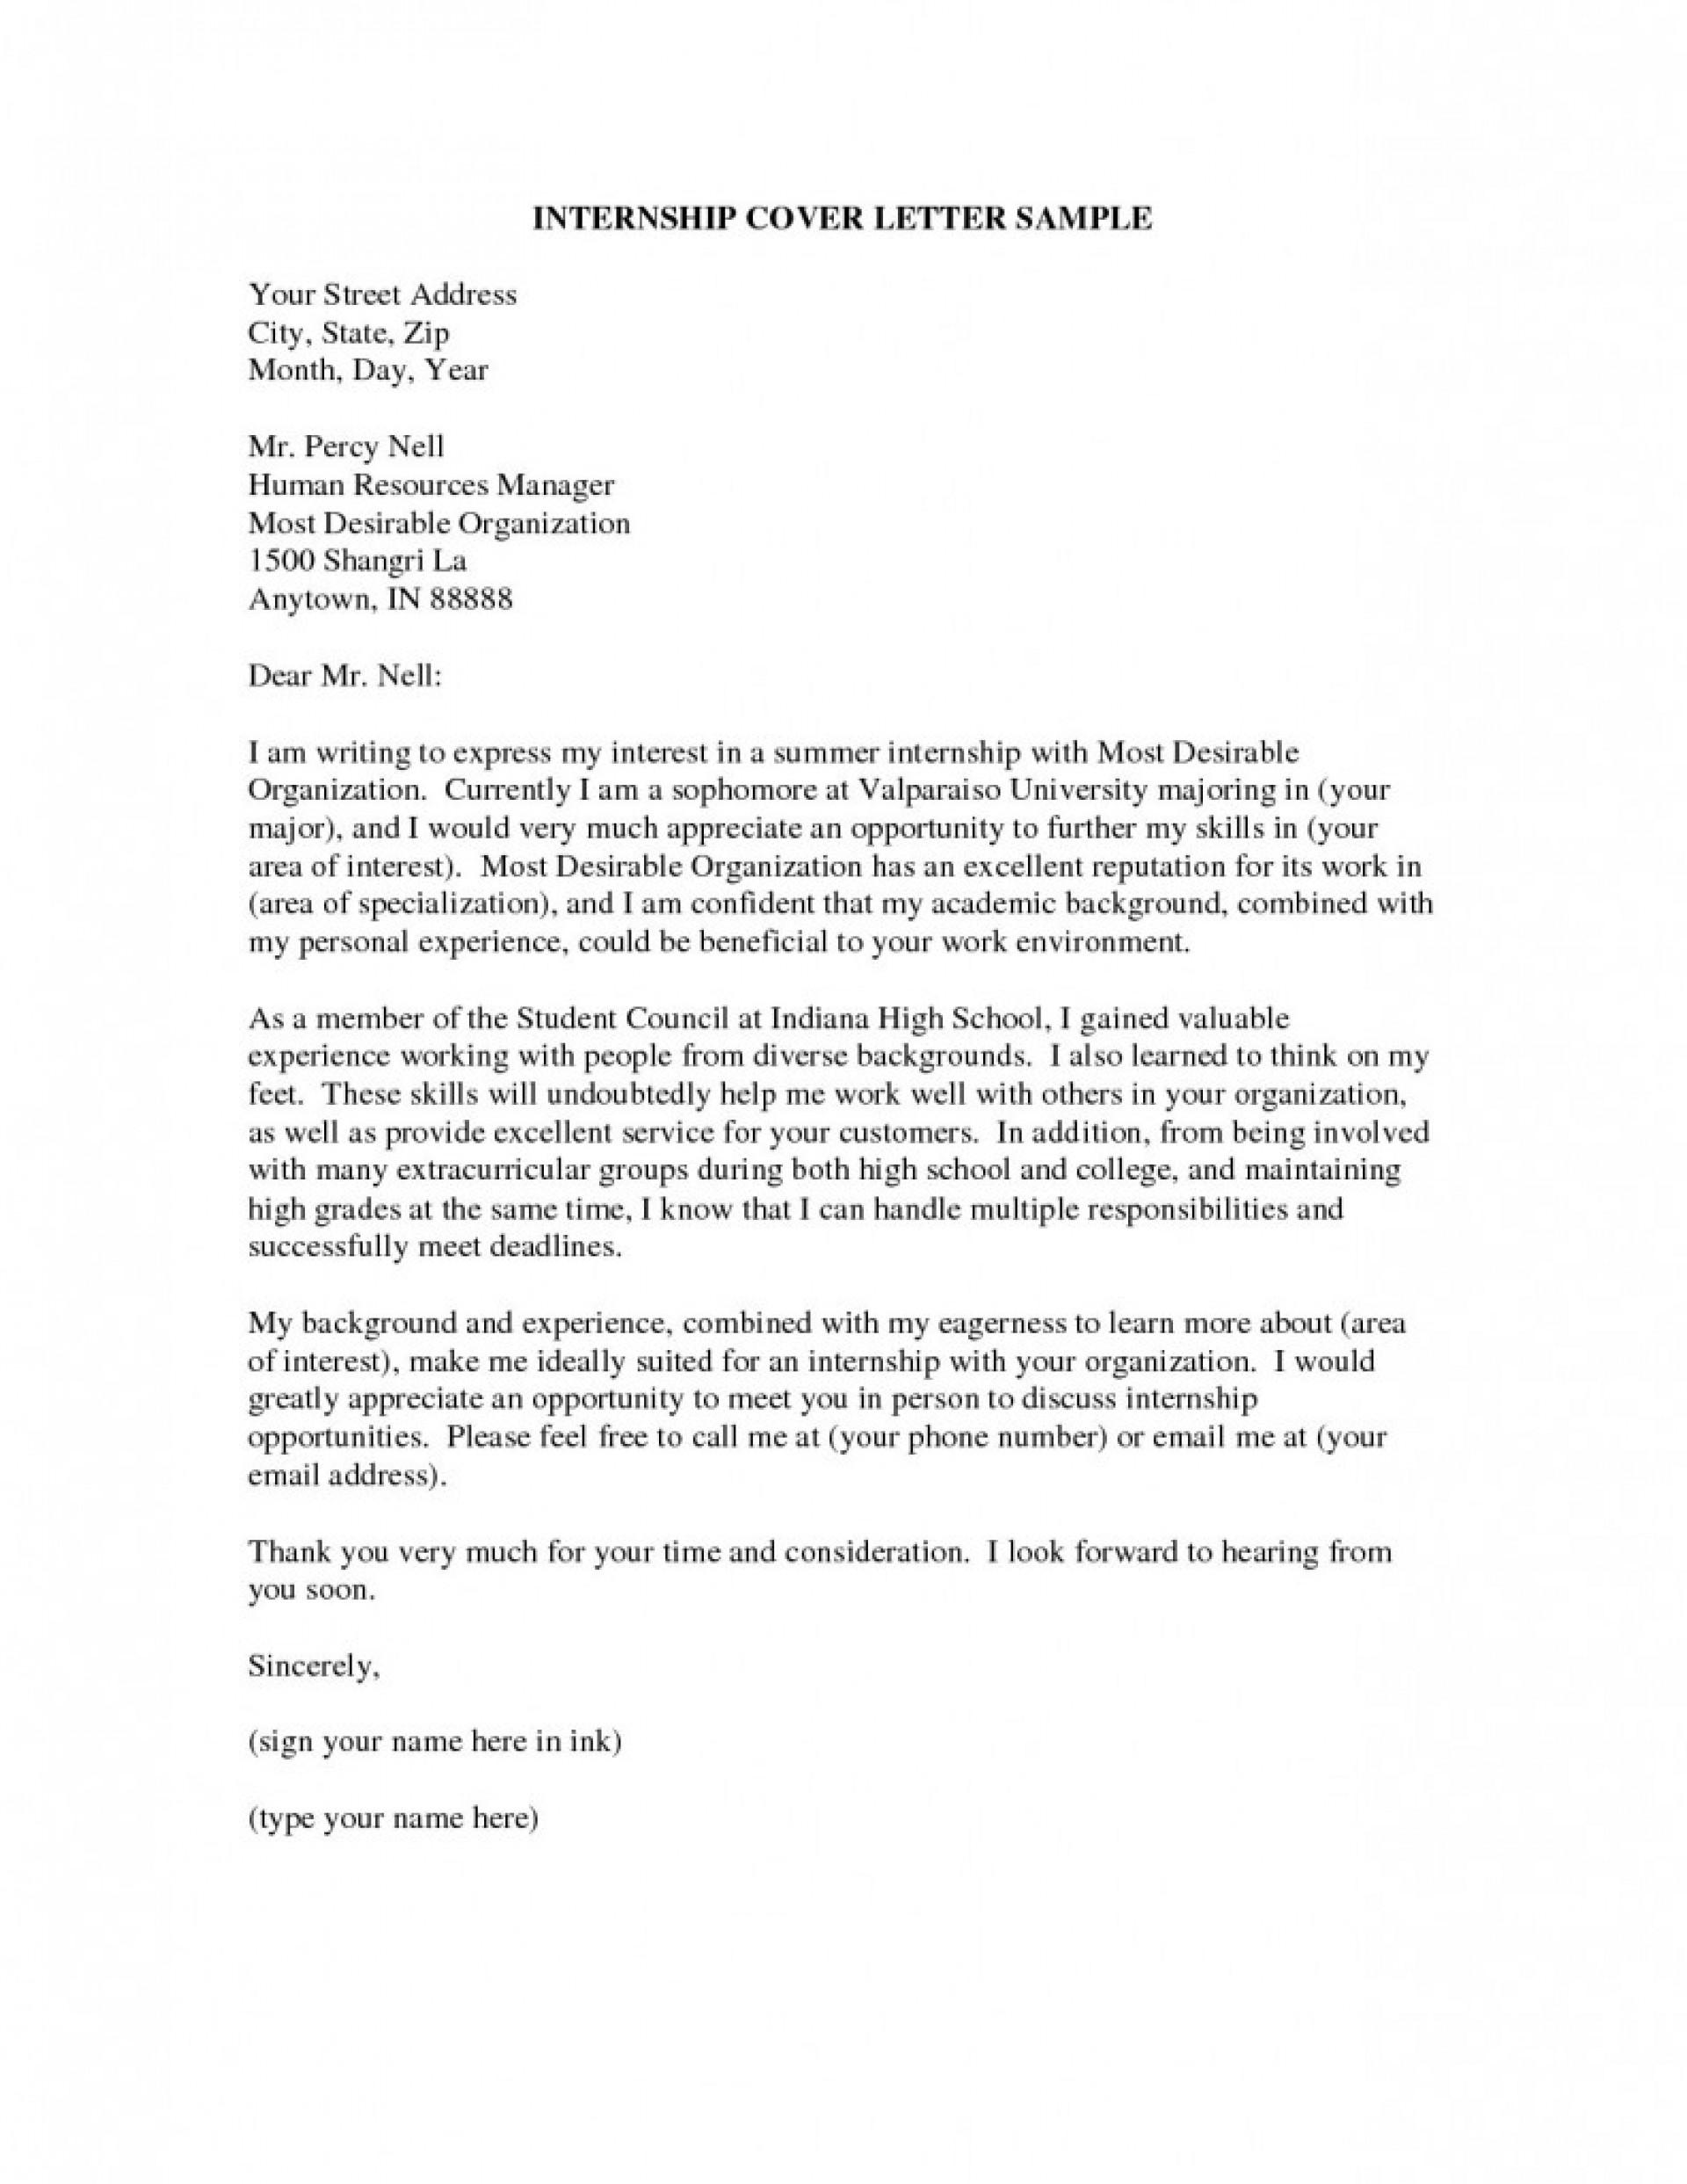 hacu internship essay example